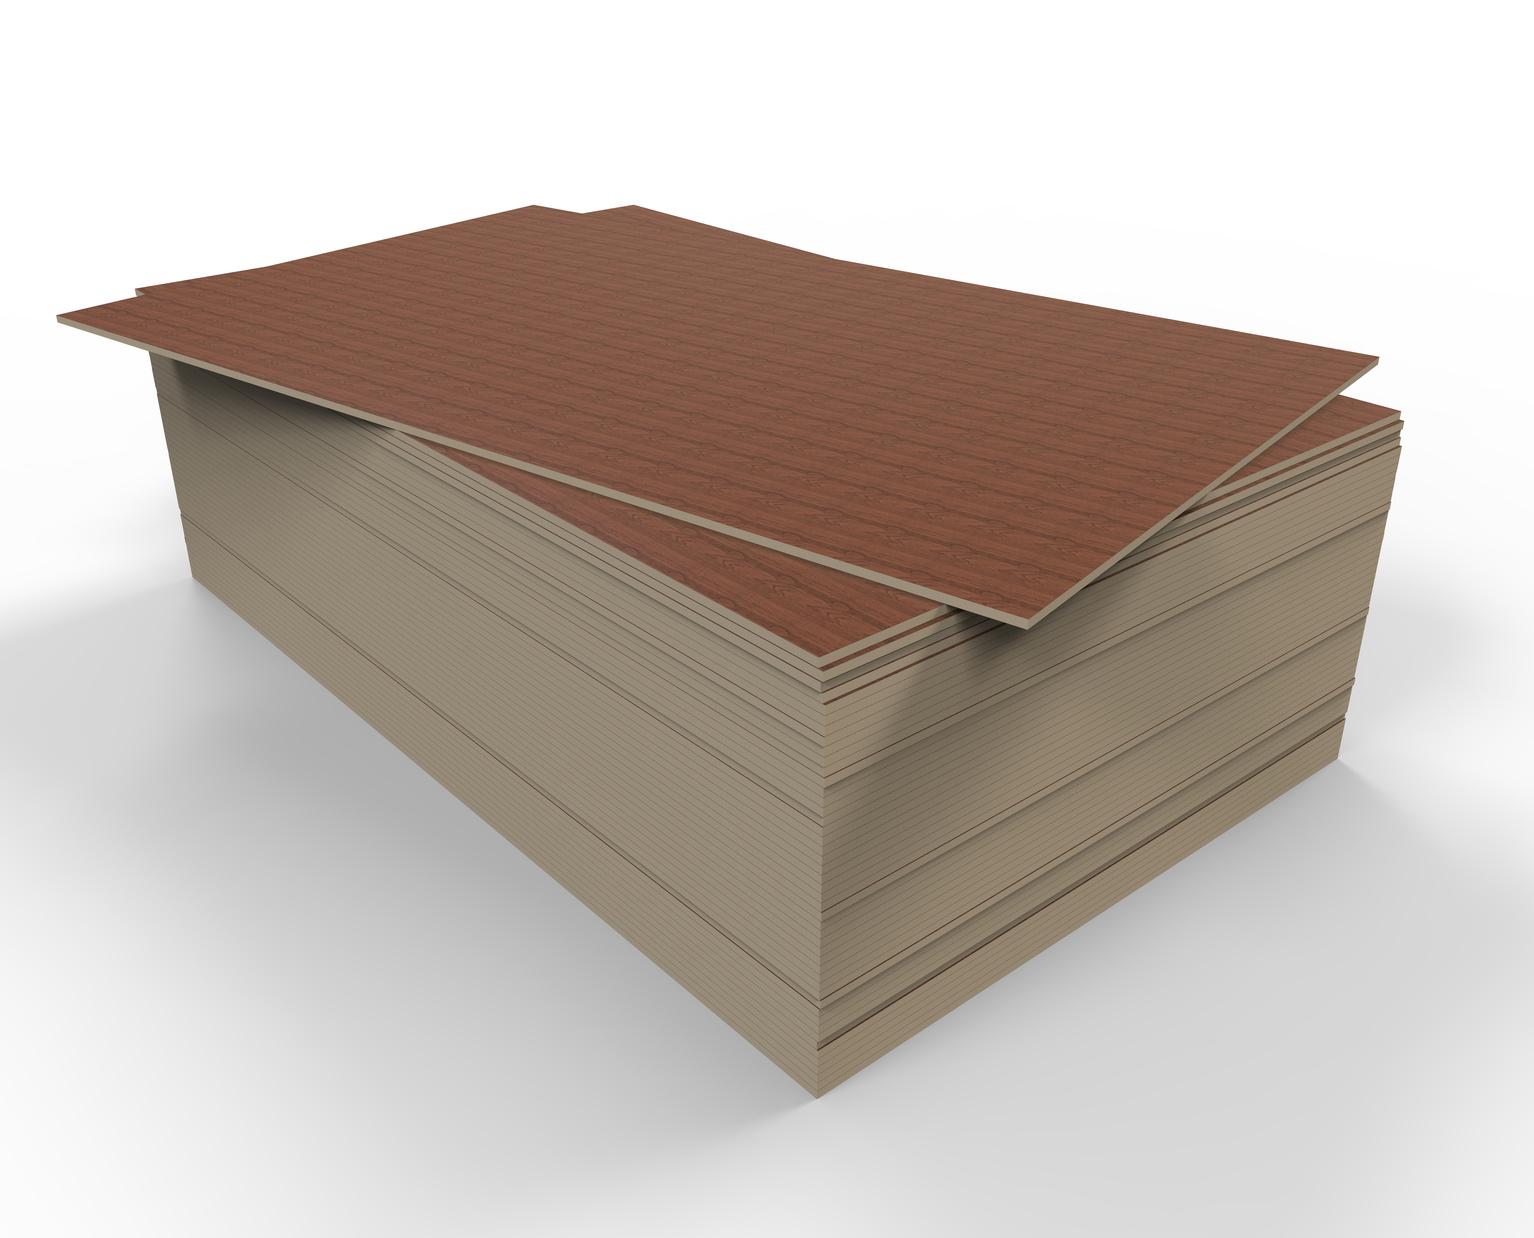 contreplaqu bak lis prix et utilisation. Black Bedroom Furniture Sets. Home Design Ideas